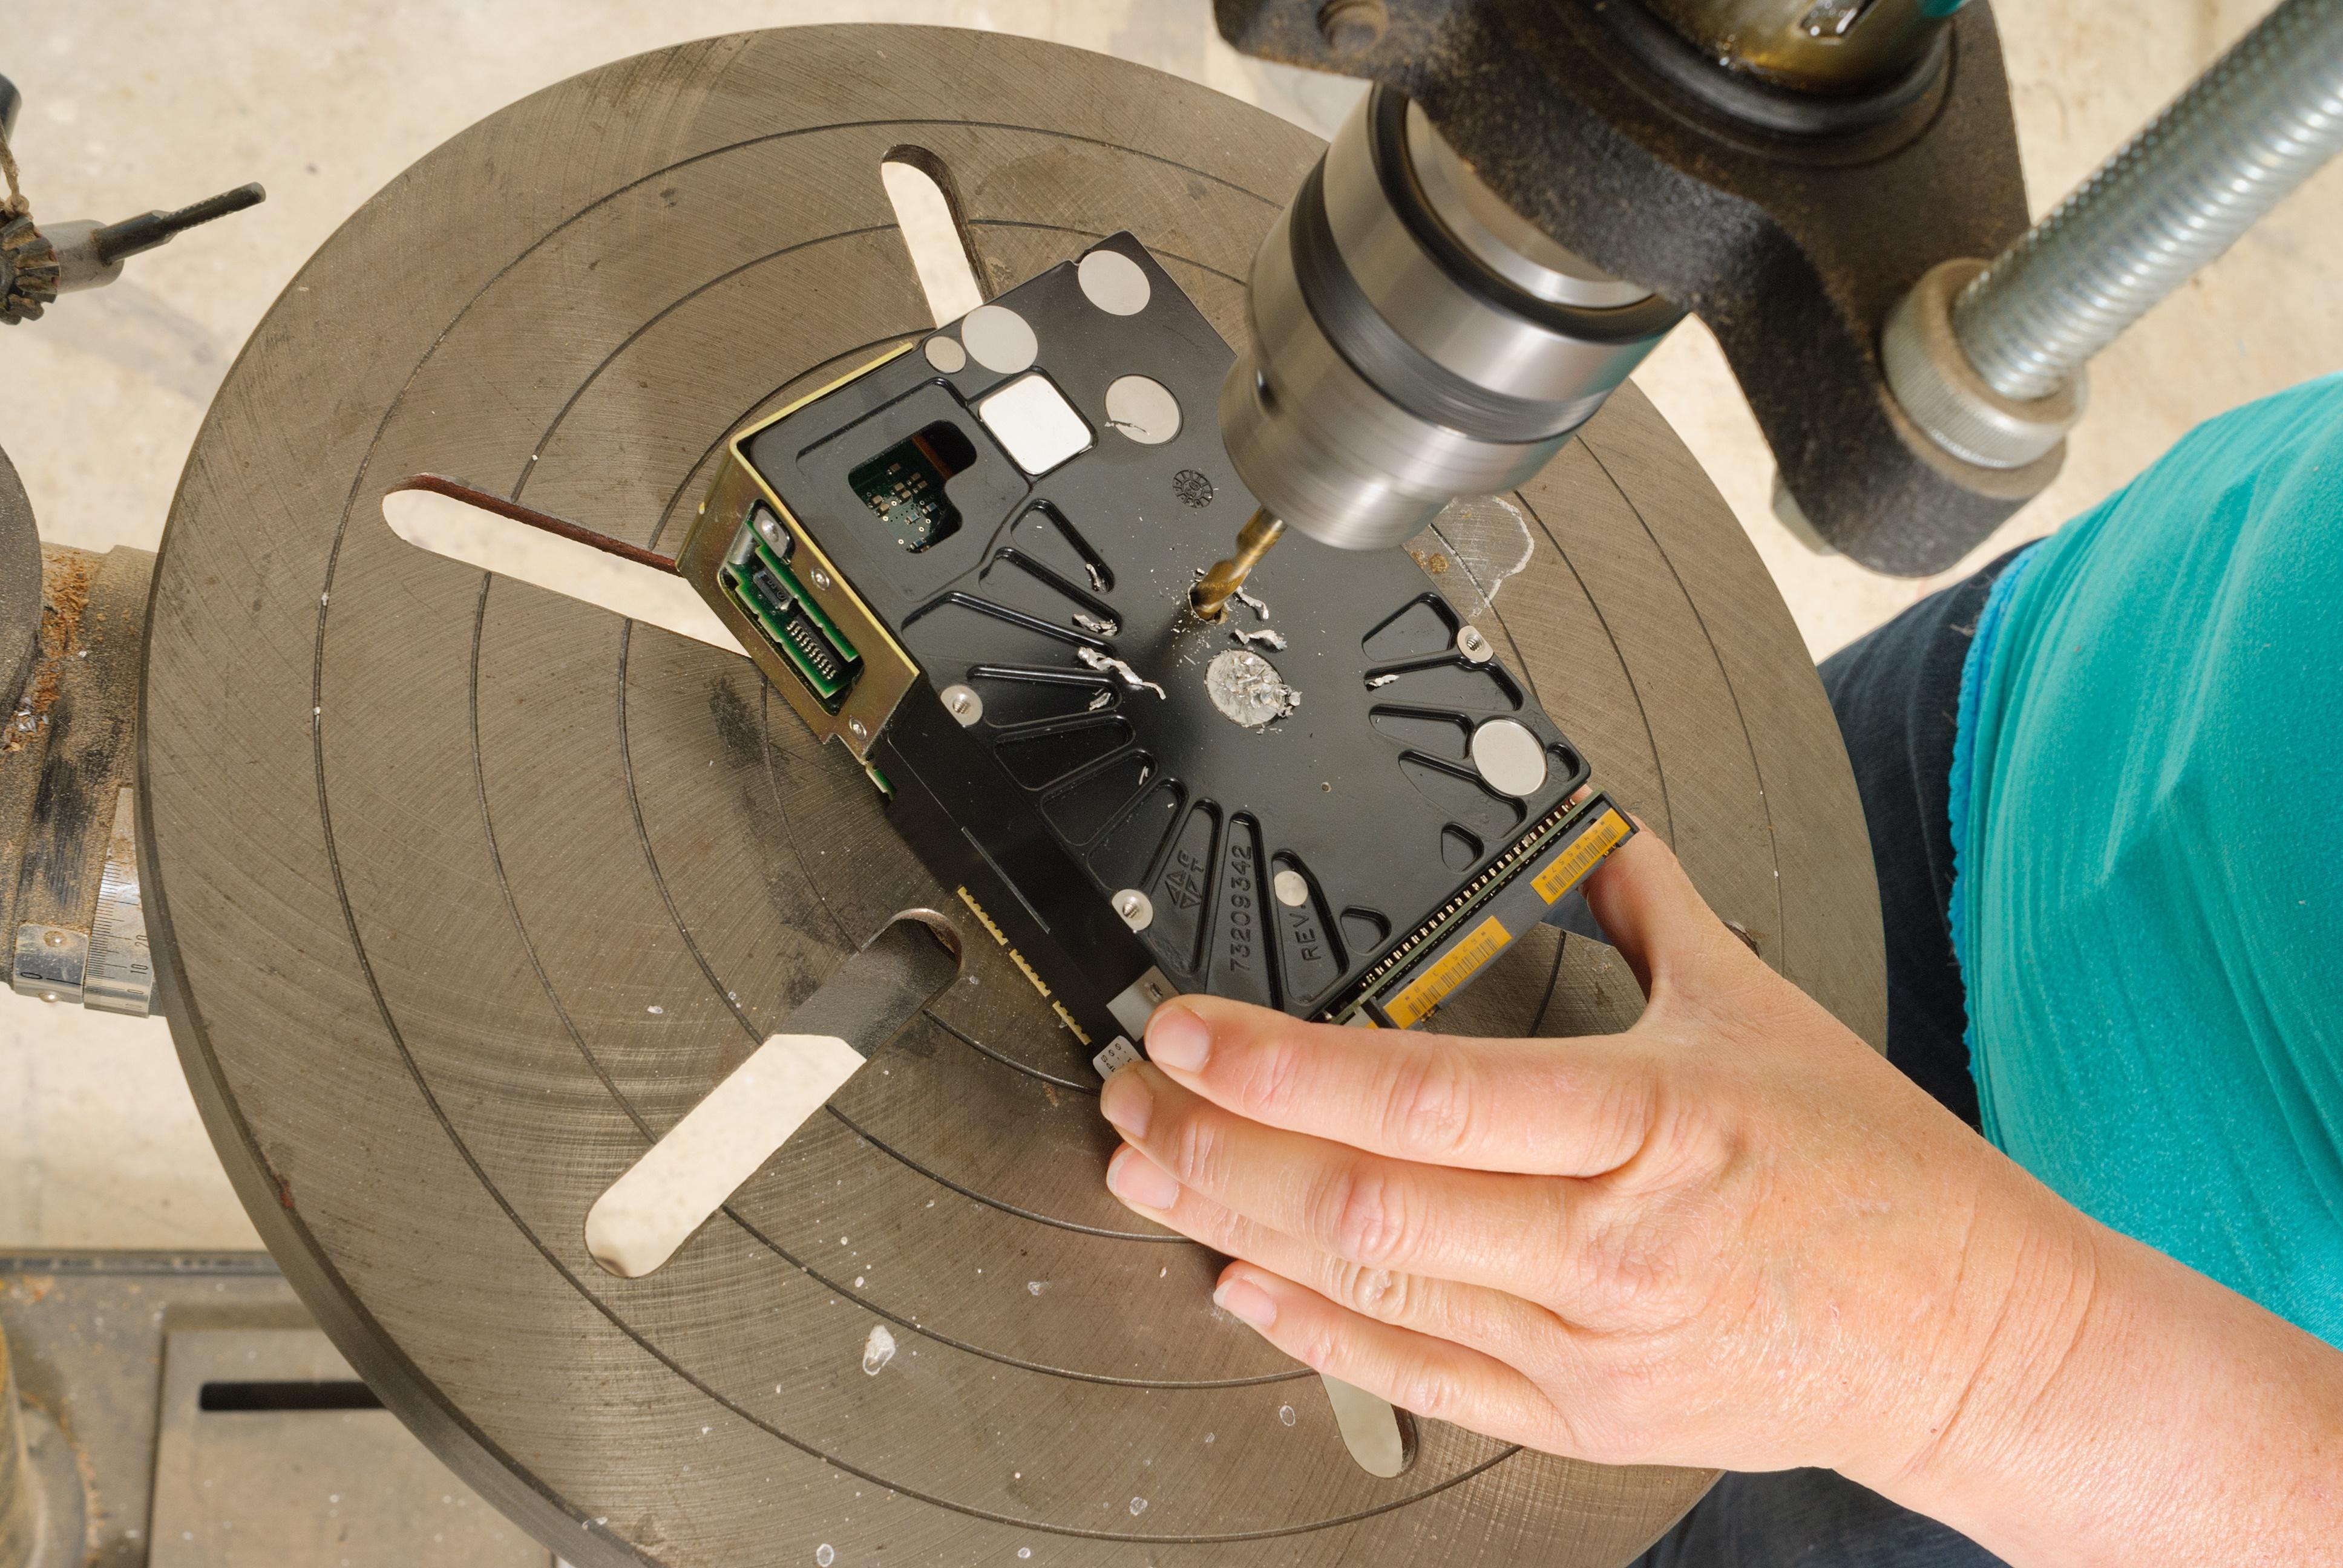 Repairing defected product.